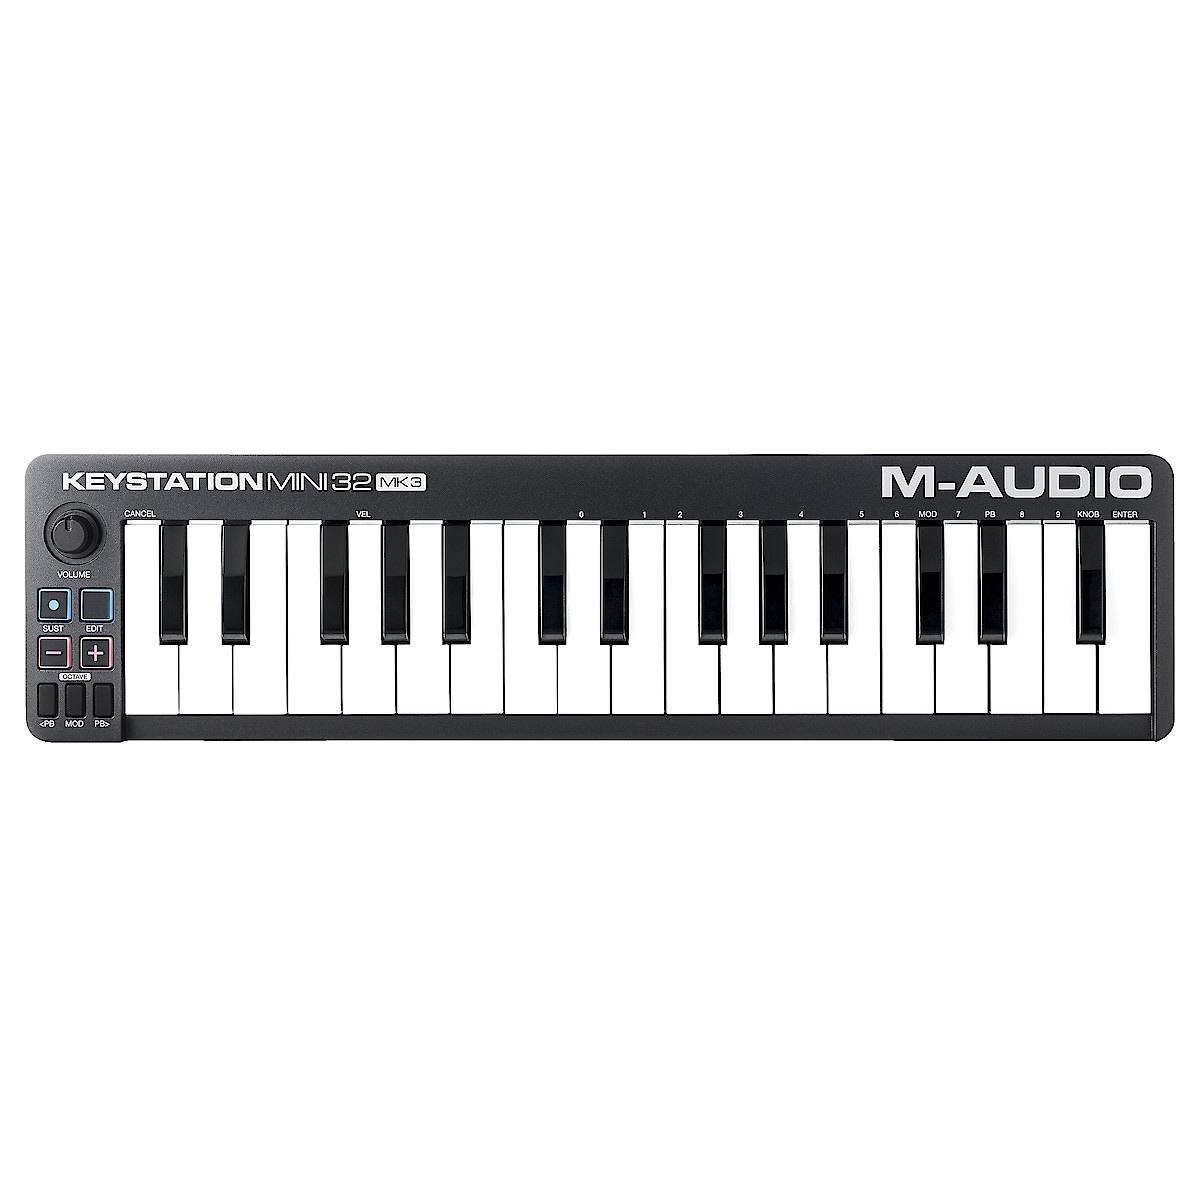 USB-kontroller Klaviatur M-Audio Keystation Mini 32 MK3